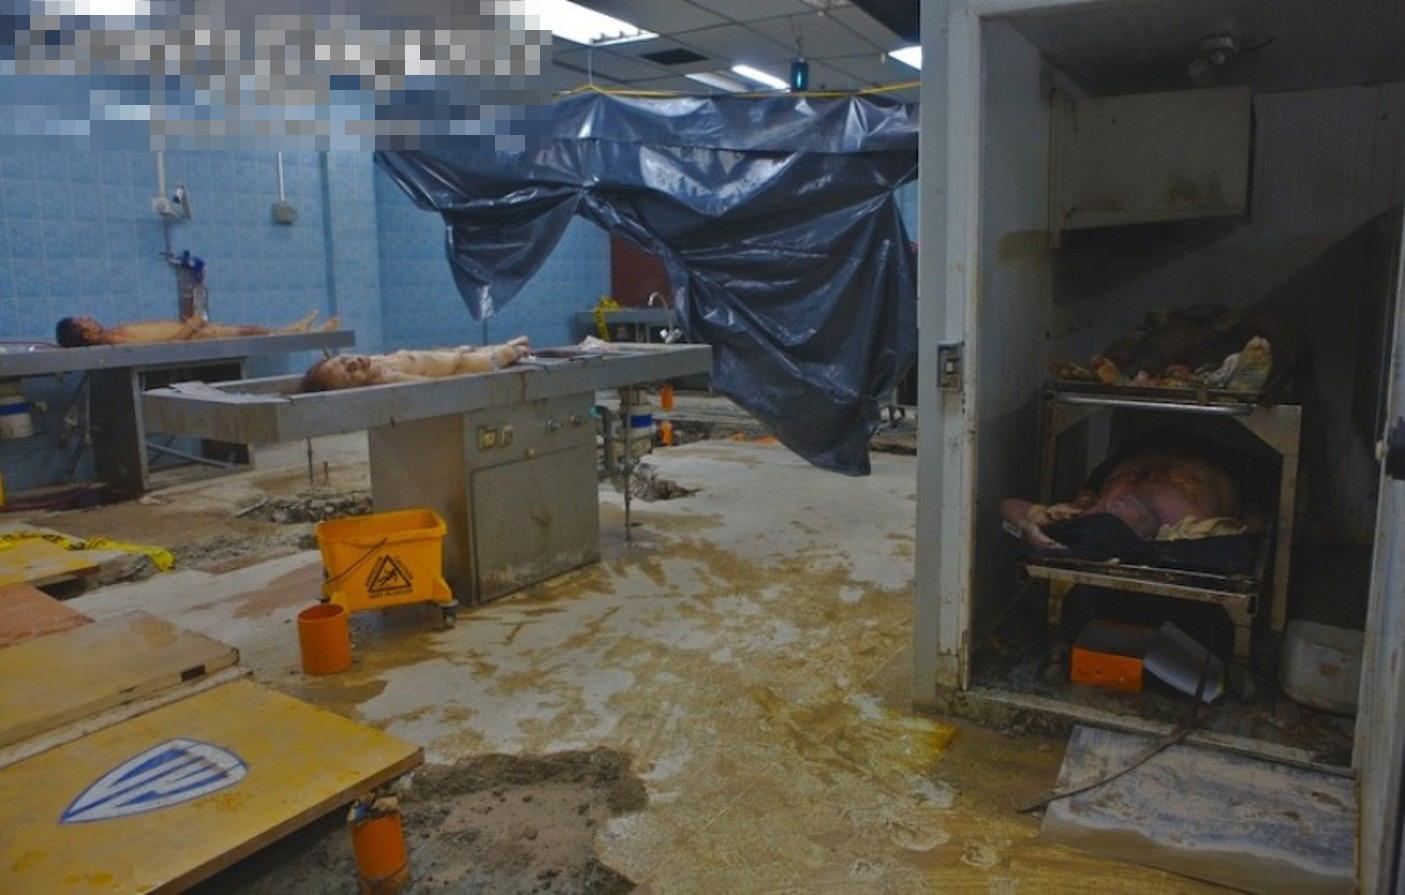 【遺体安置所】ベネズエラで有名な遺体安置所「ベロモンテ」に行ってきたから写真うpする ※グ●画像